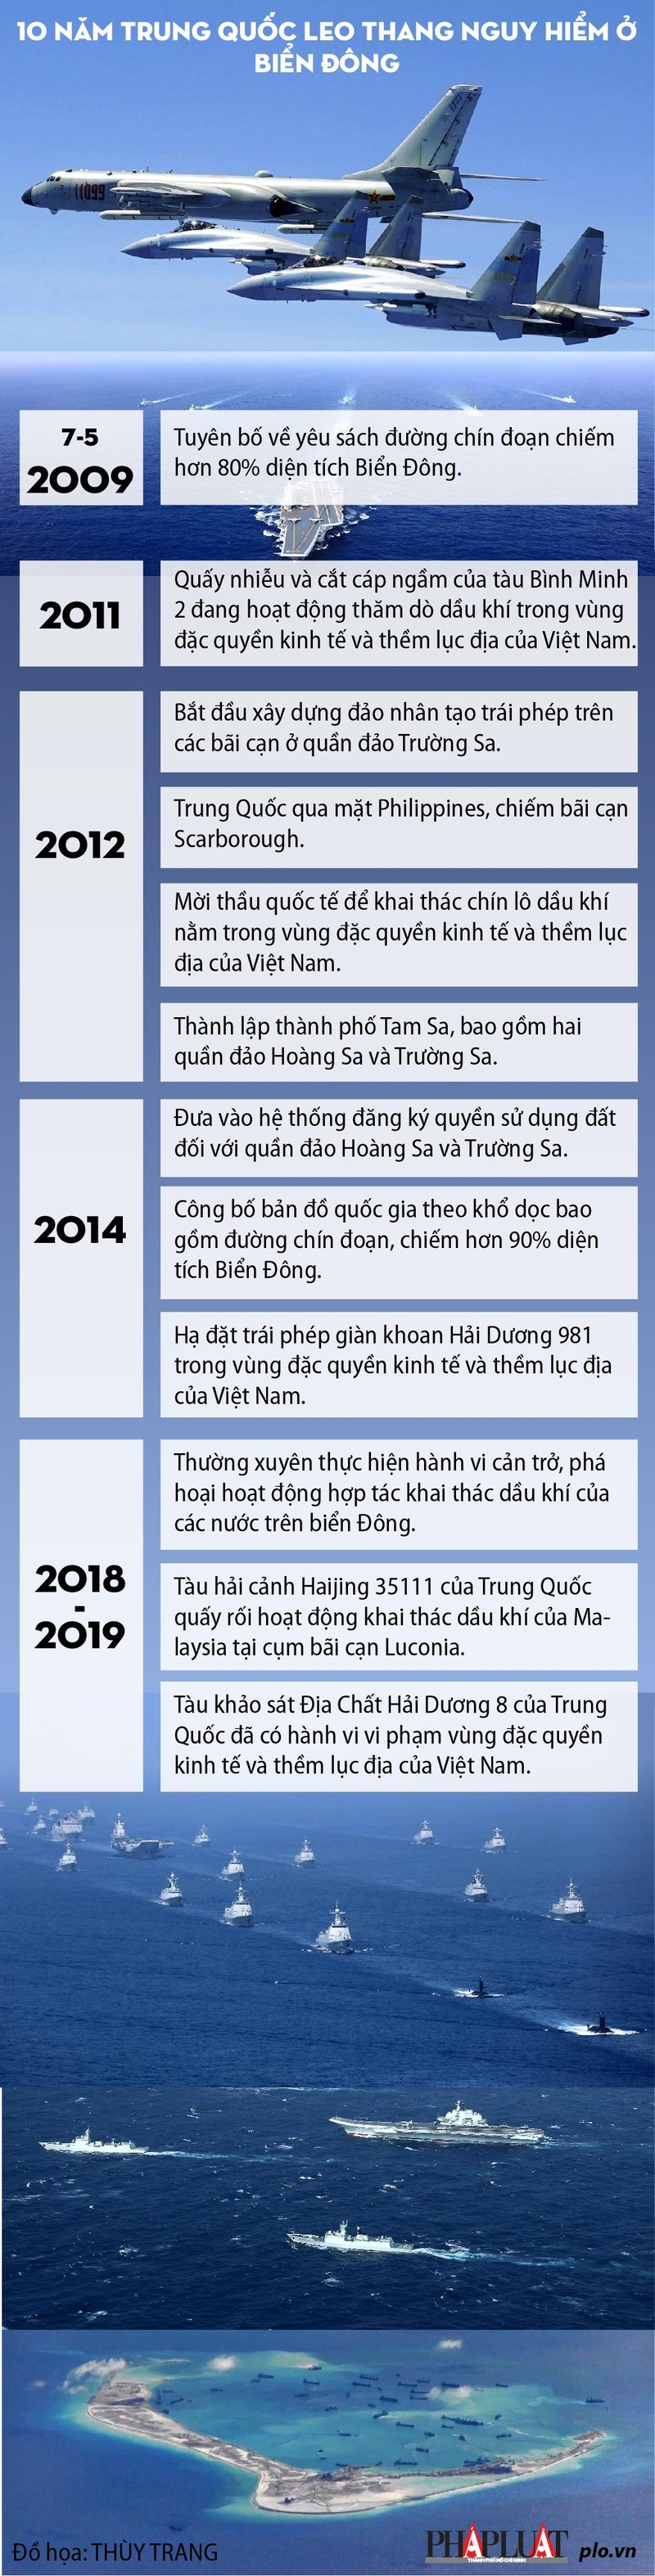 10 năm nhìn lại biển Đông: Trung Quốc từng bước leo thang - ảnh 4